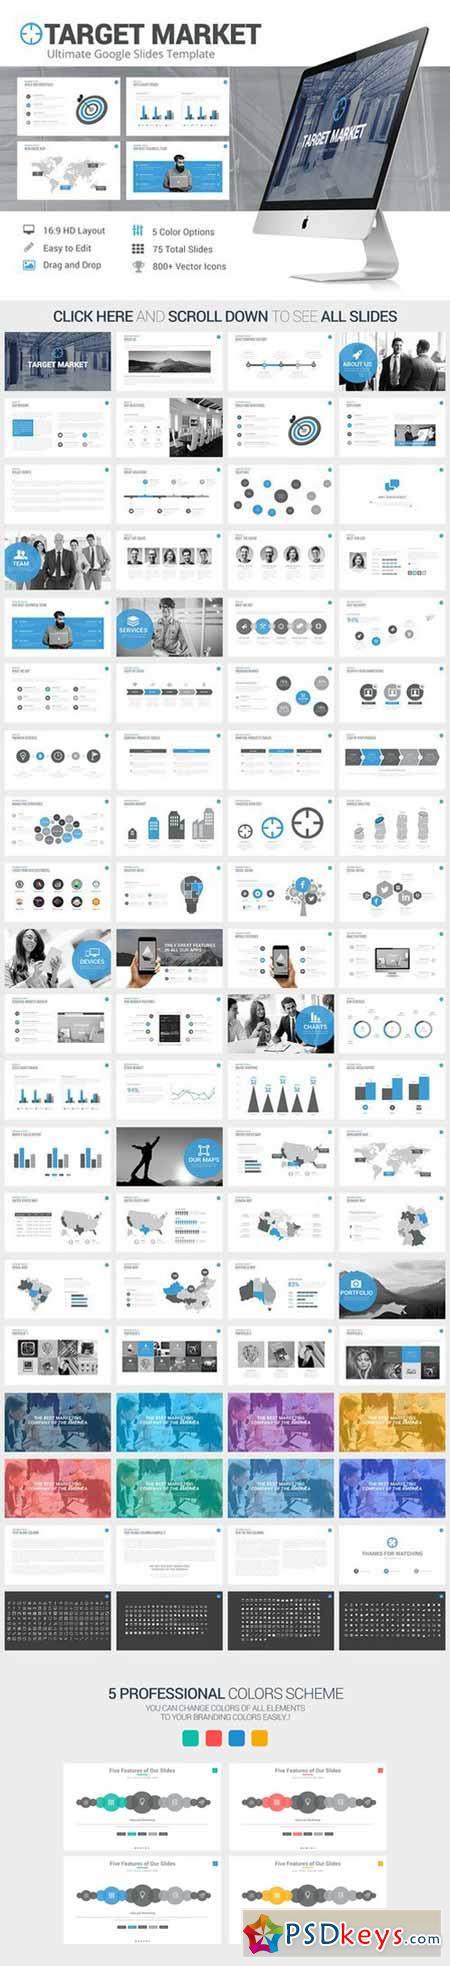 Target Market Google Slides Template 560764